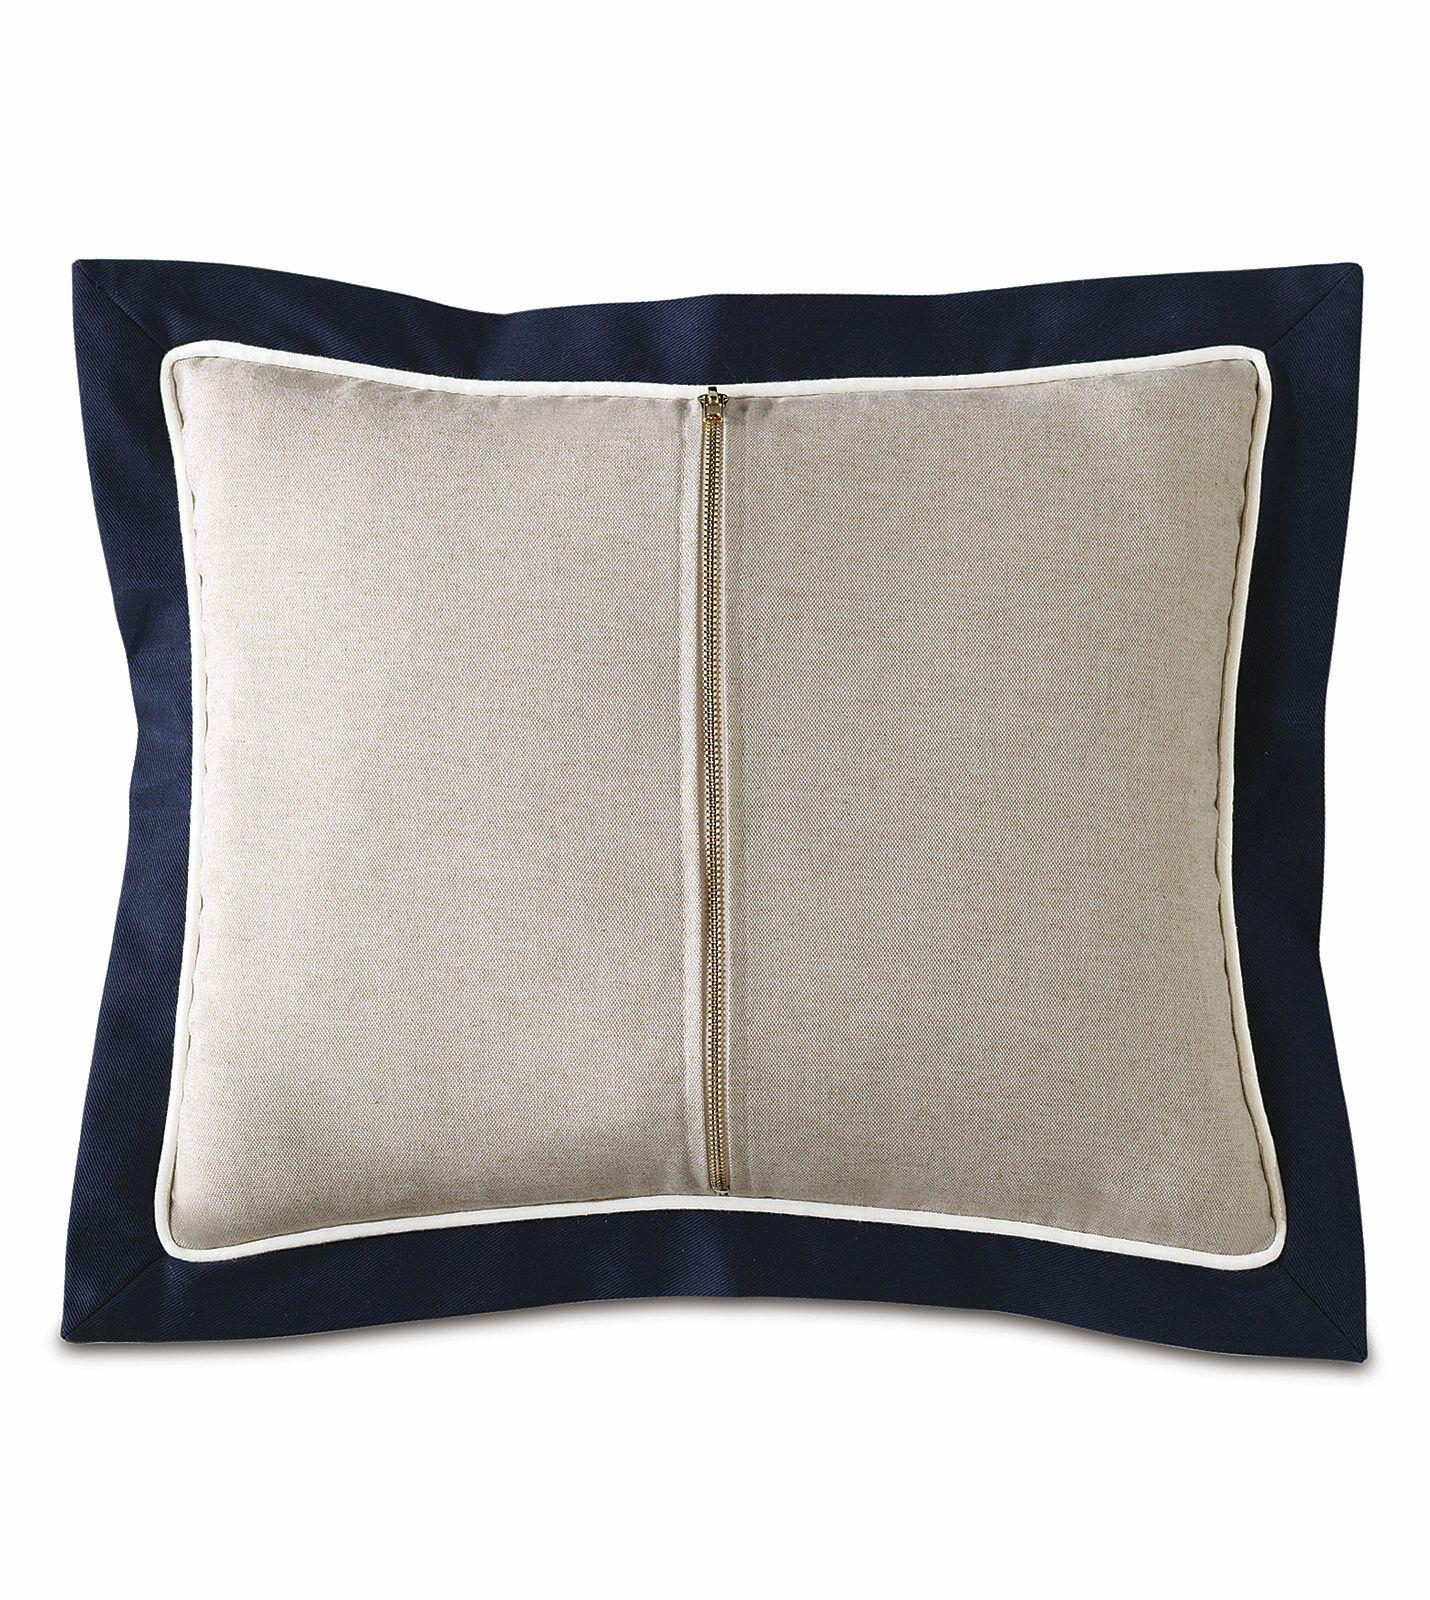 Studio 773 Throw Pillow